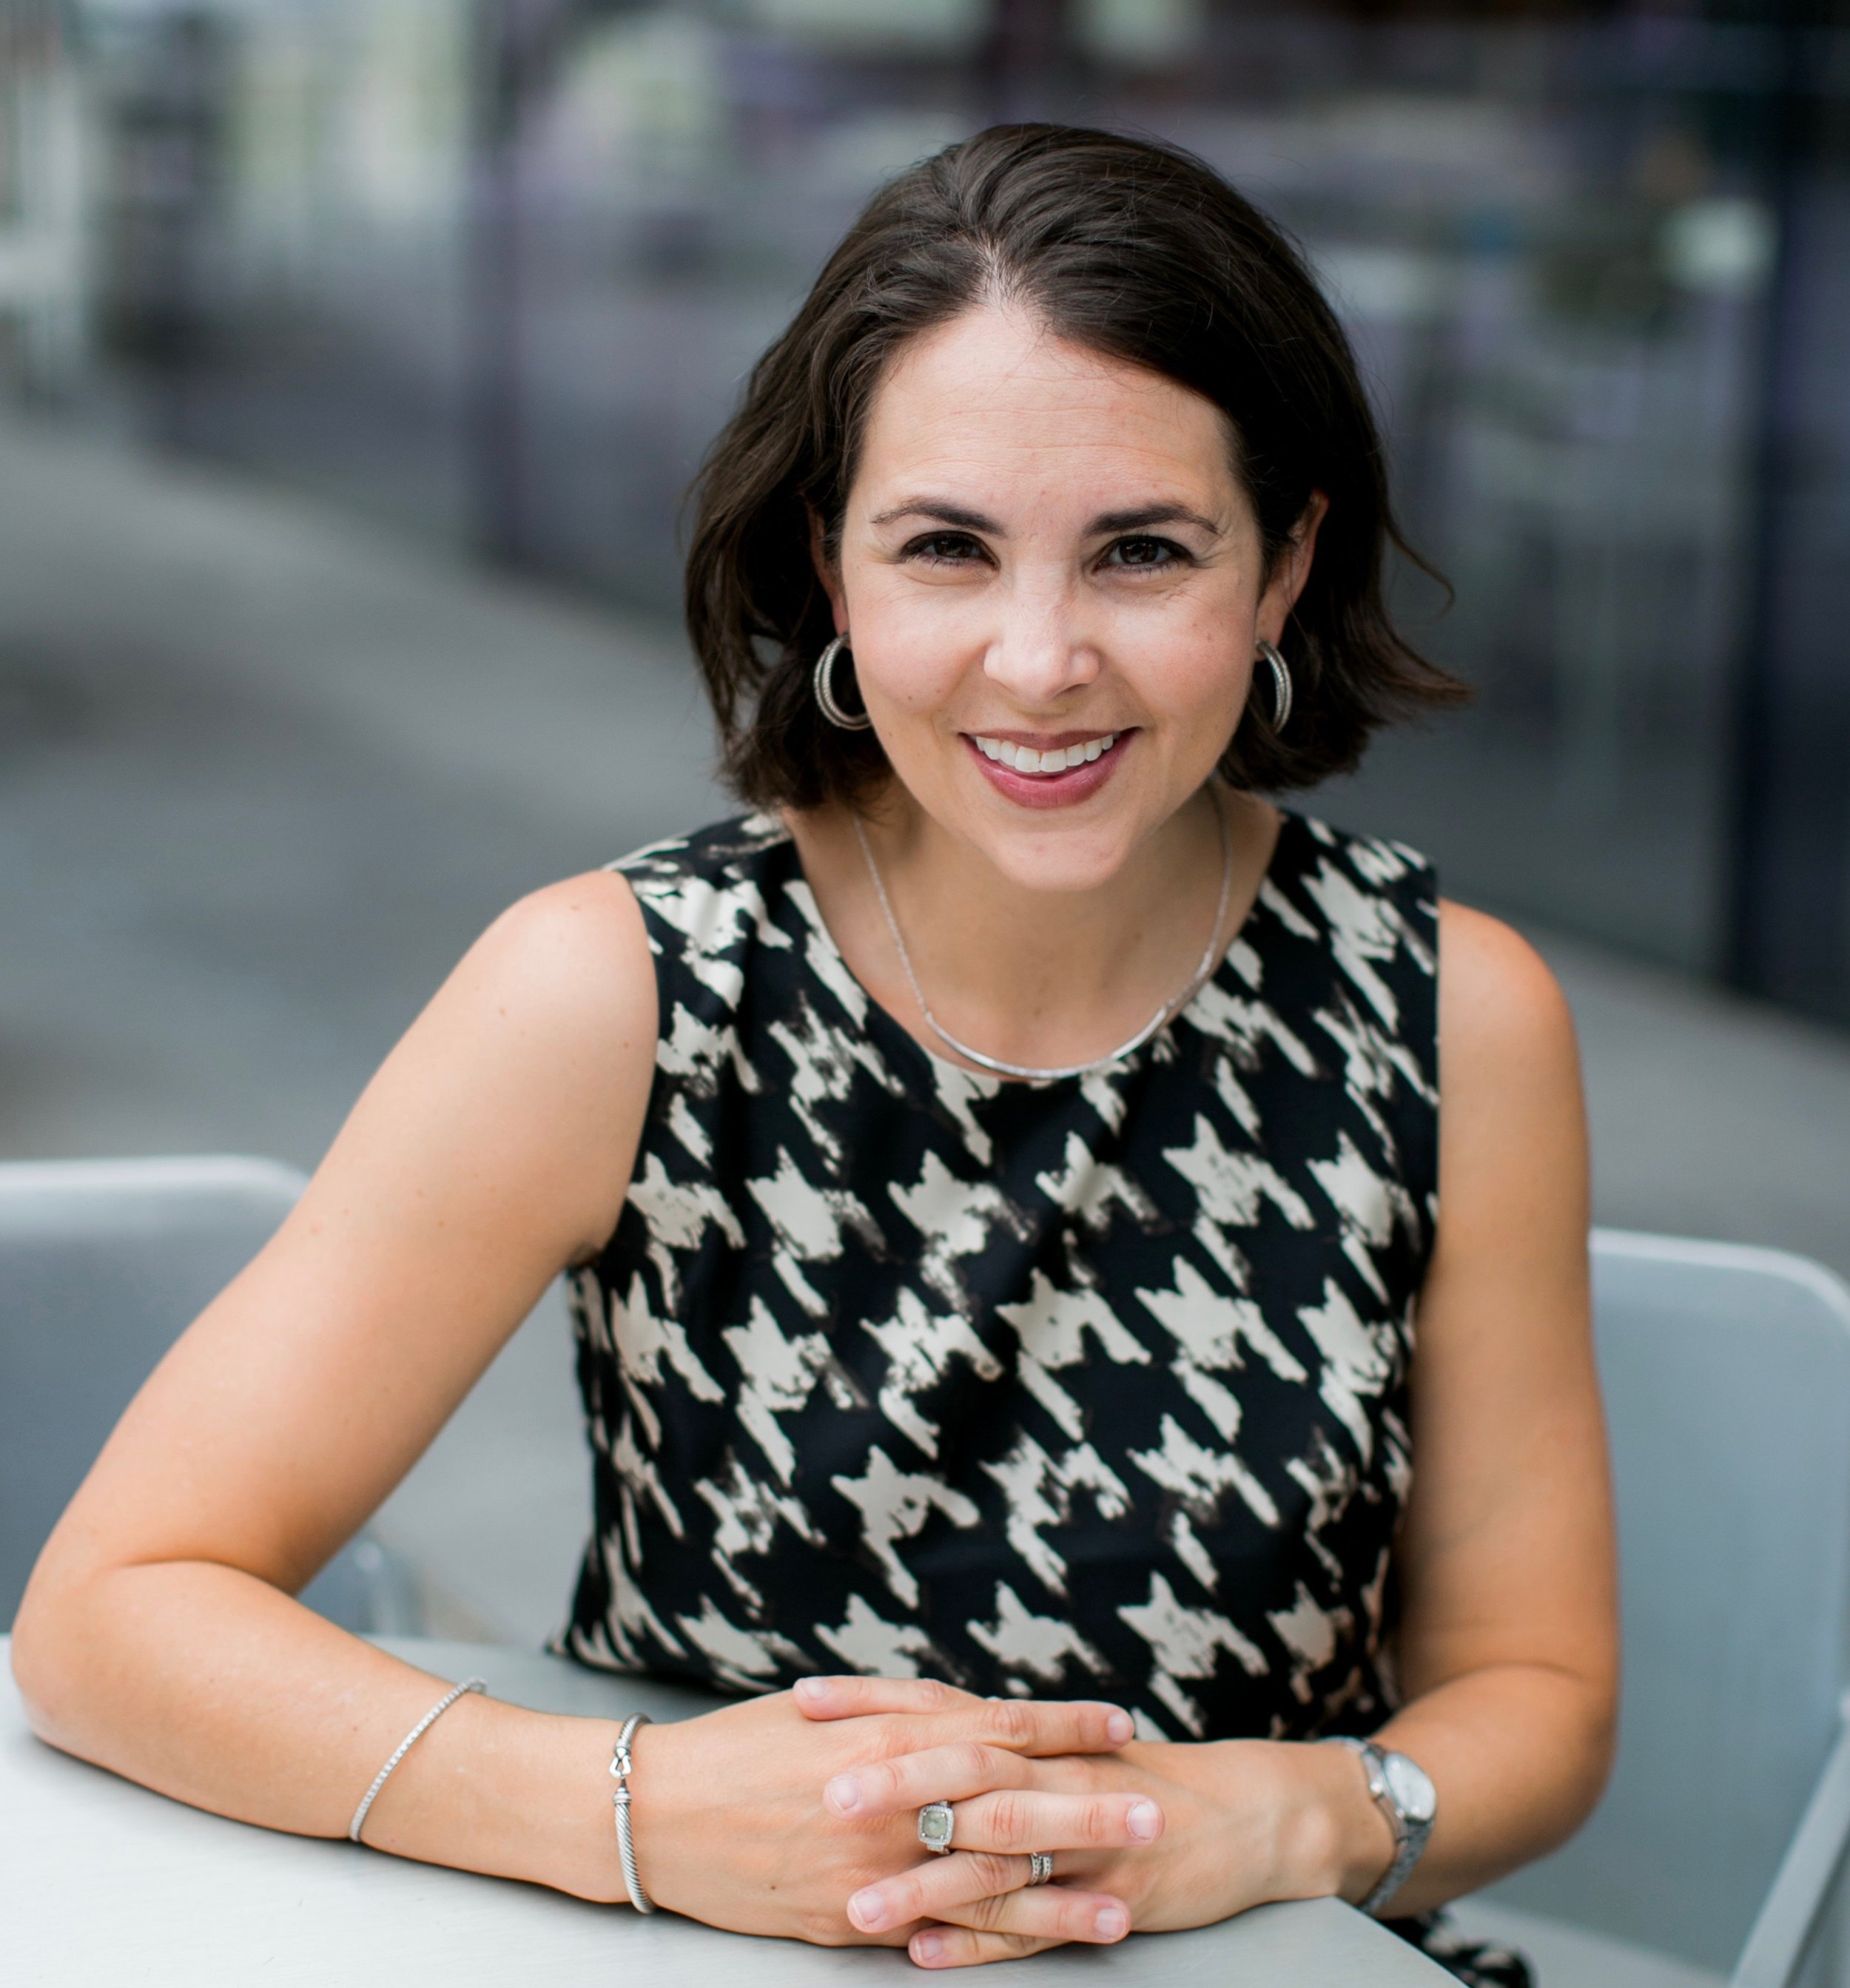 Bethany Jordan, Producer